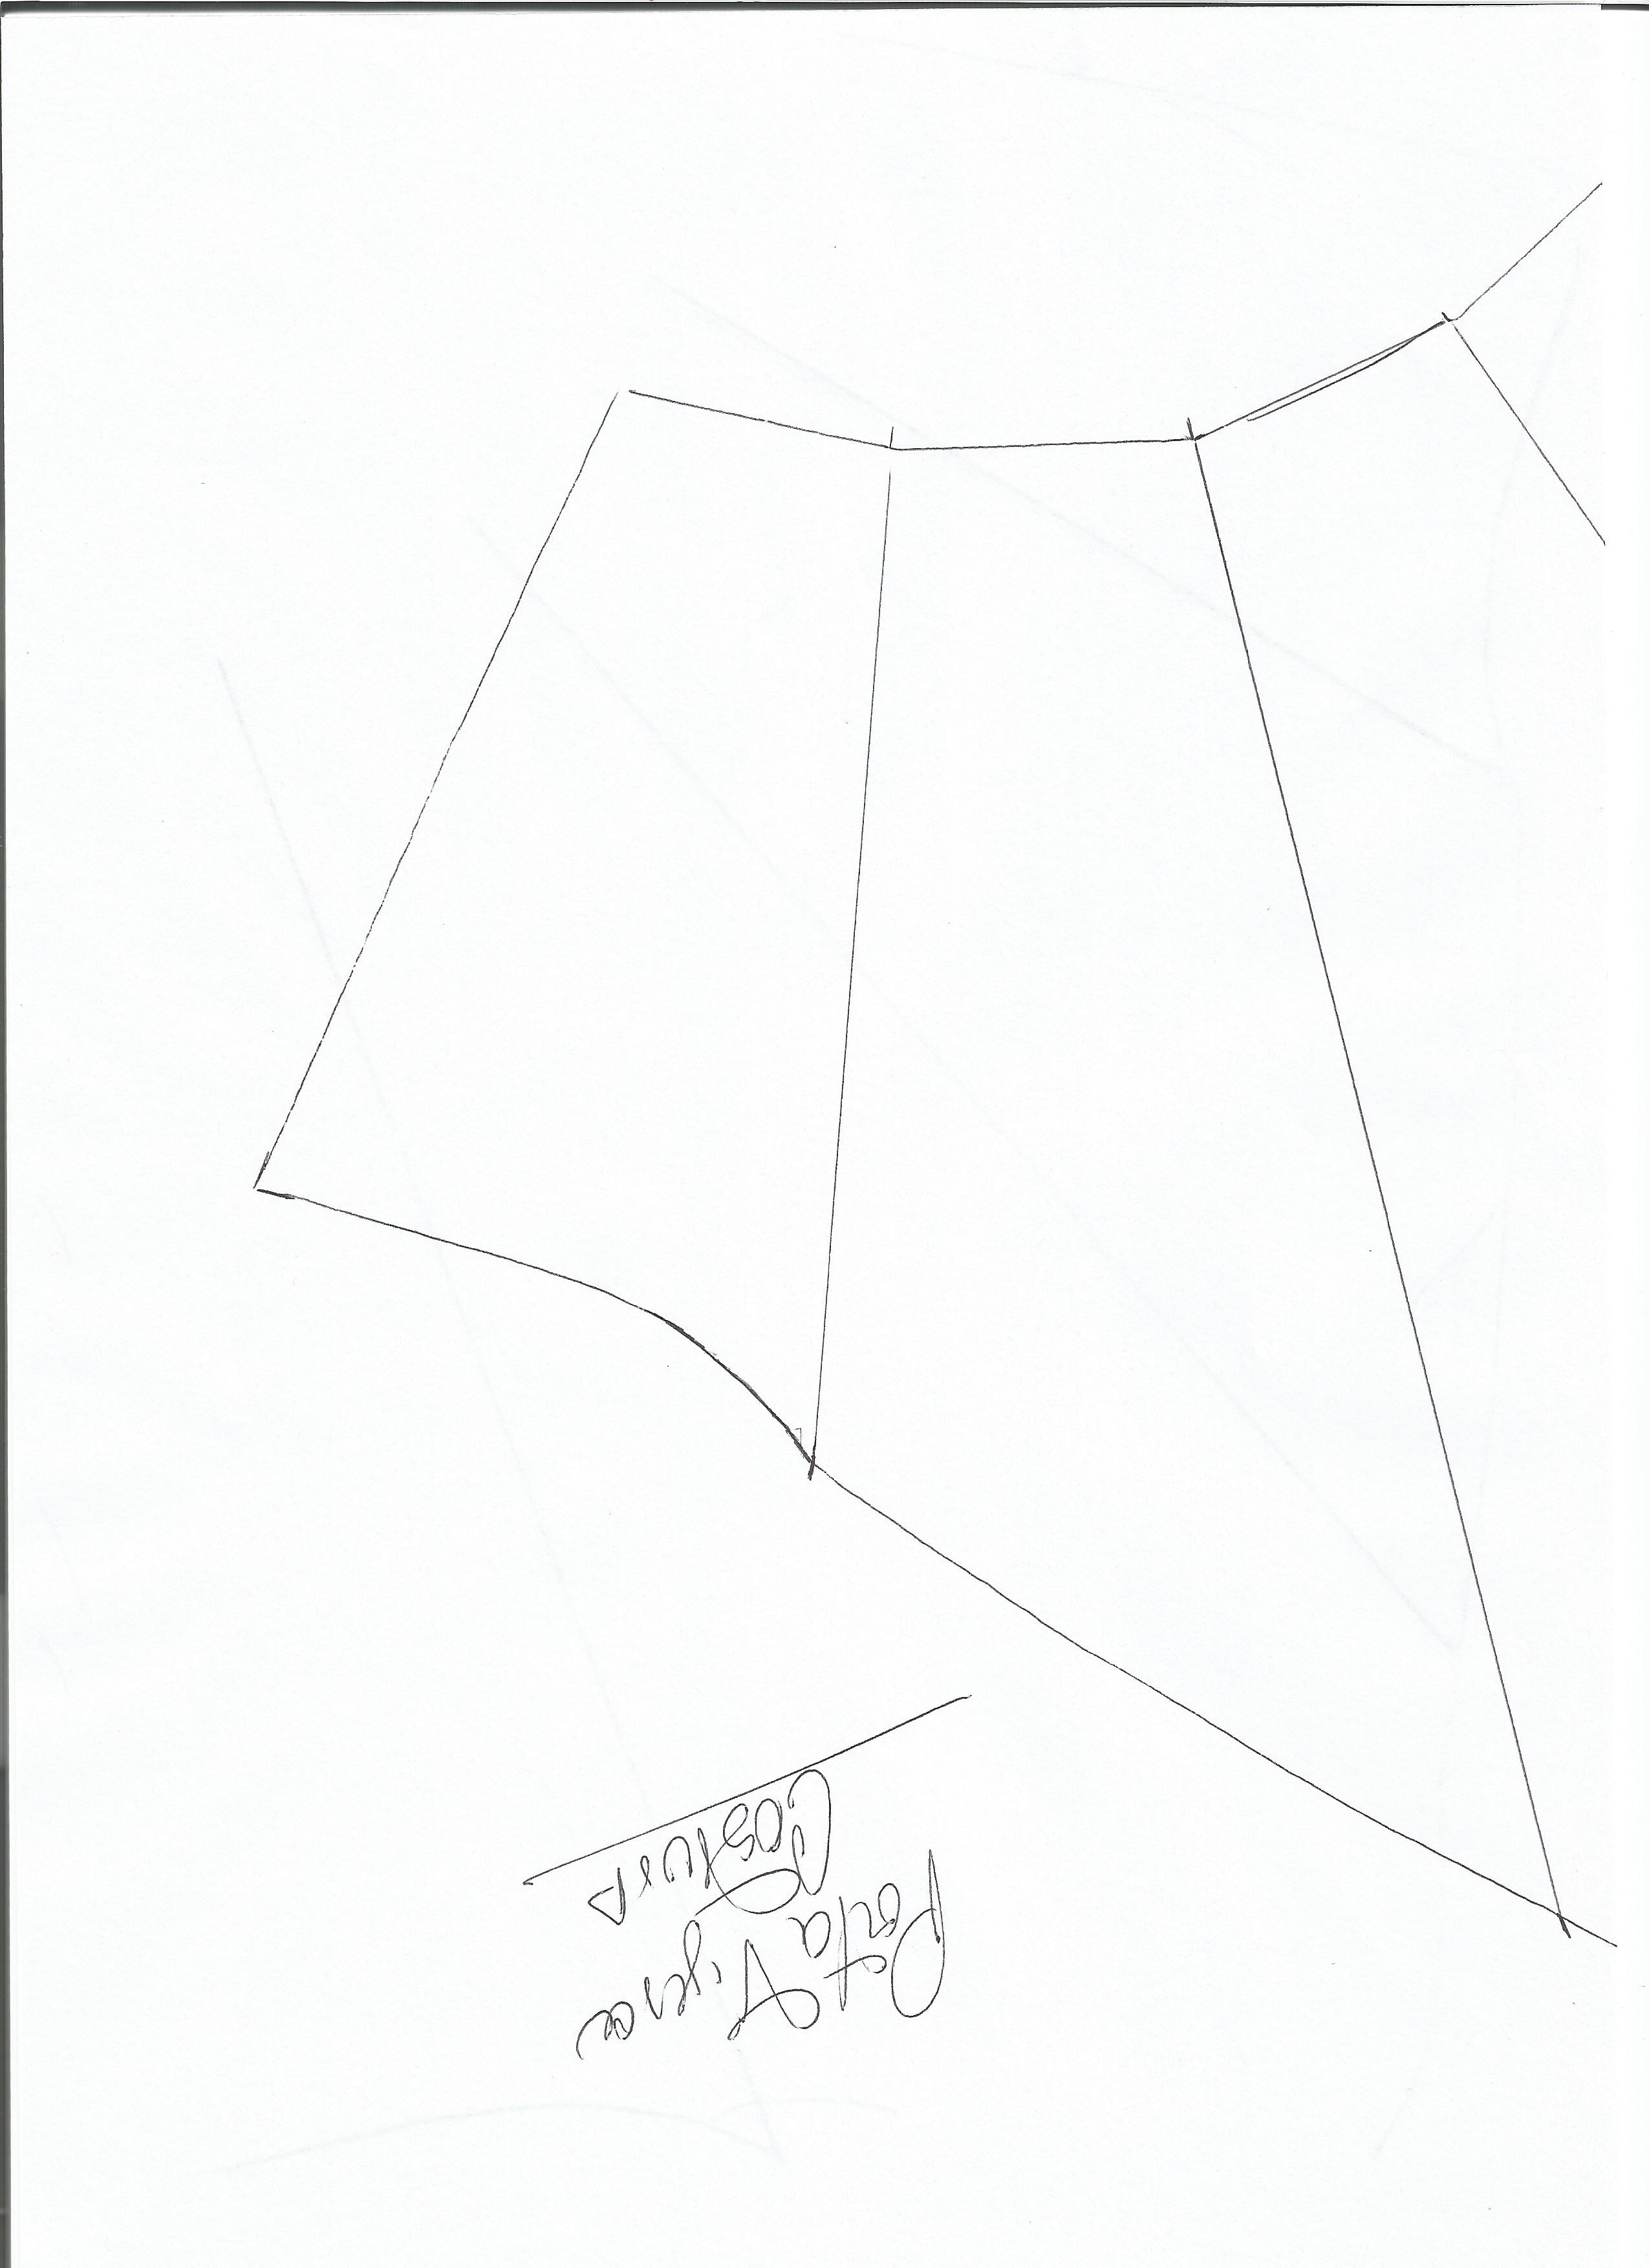 PATRONES DE MANUALIDADES GRATIS # 1 - Textil Colmenar S.L